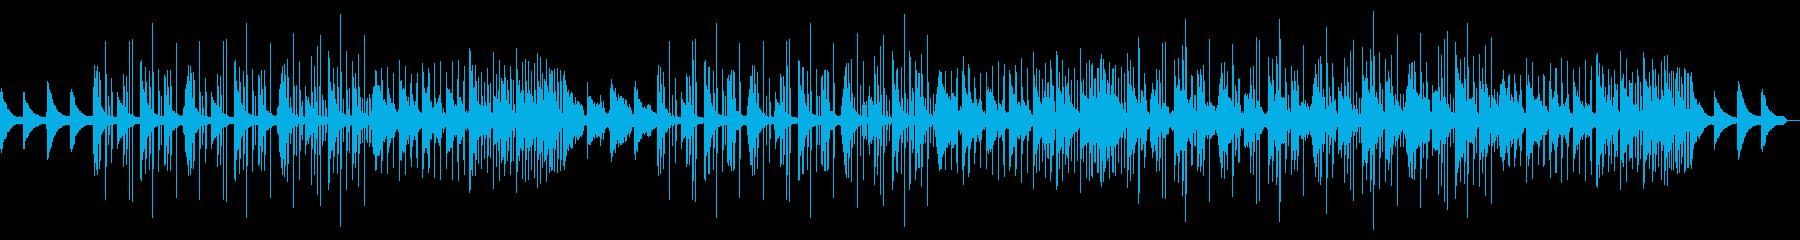 寂しげピアノのフレンチハウスポップスの再生済みの波形